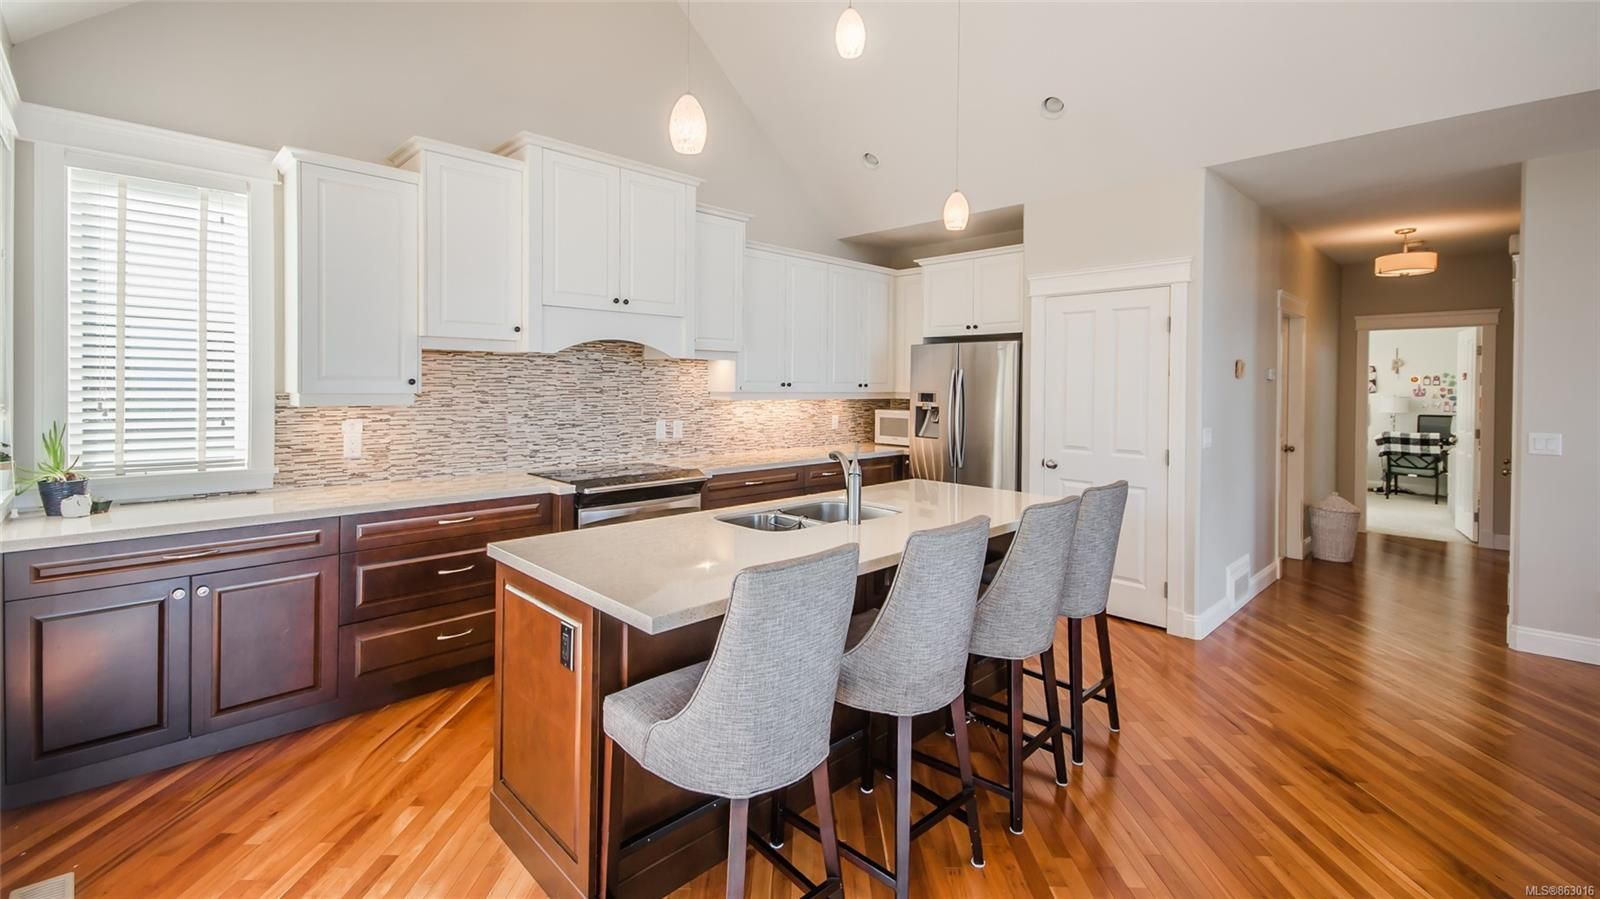 Photo 8: Photos: 5361 Laguna Way in : Na North Nanaimo House for sale (Nanaimo)  : MLS®# 863016